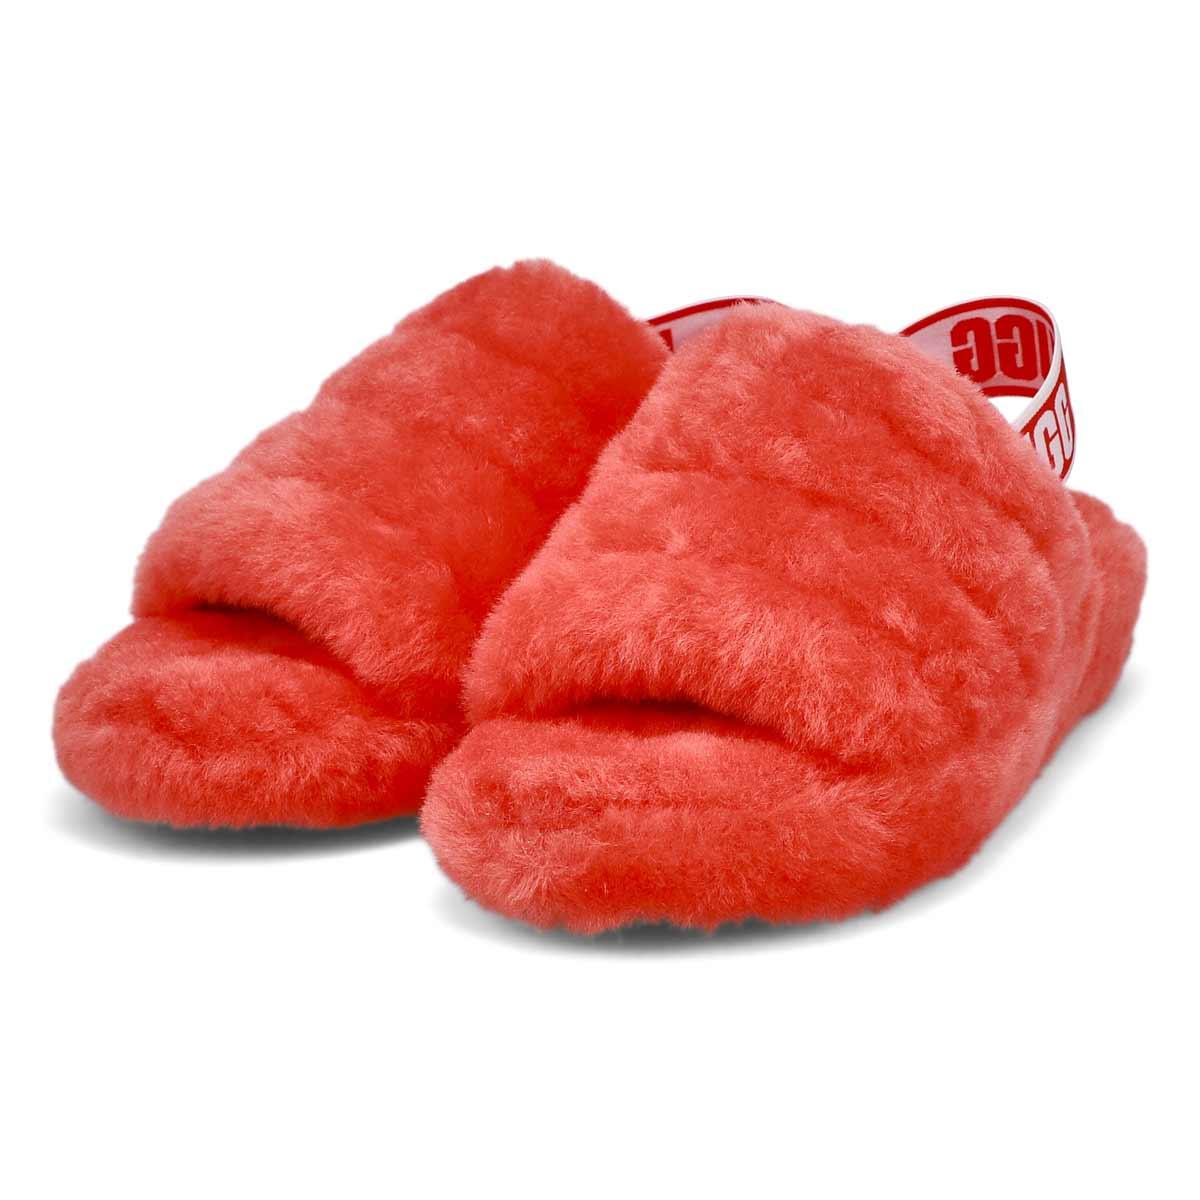 Pantoufles FLUFFYEAH, peau/mouton, gadelle, femmes